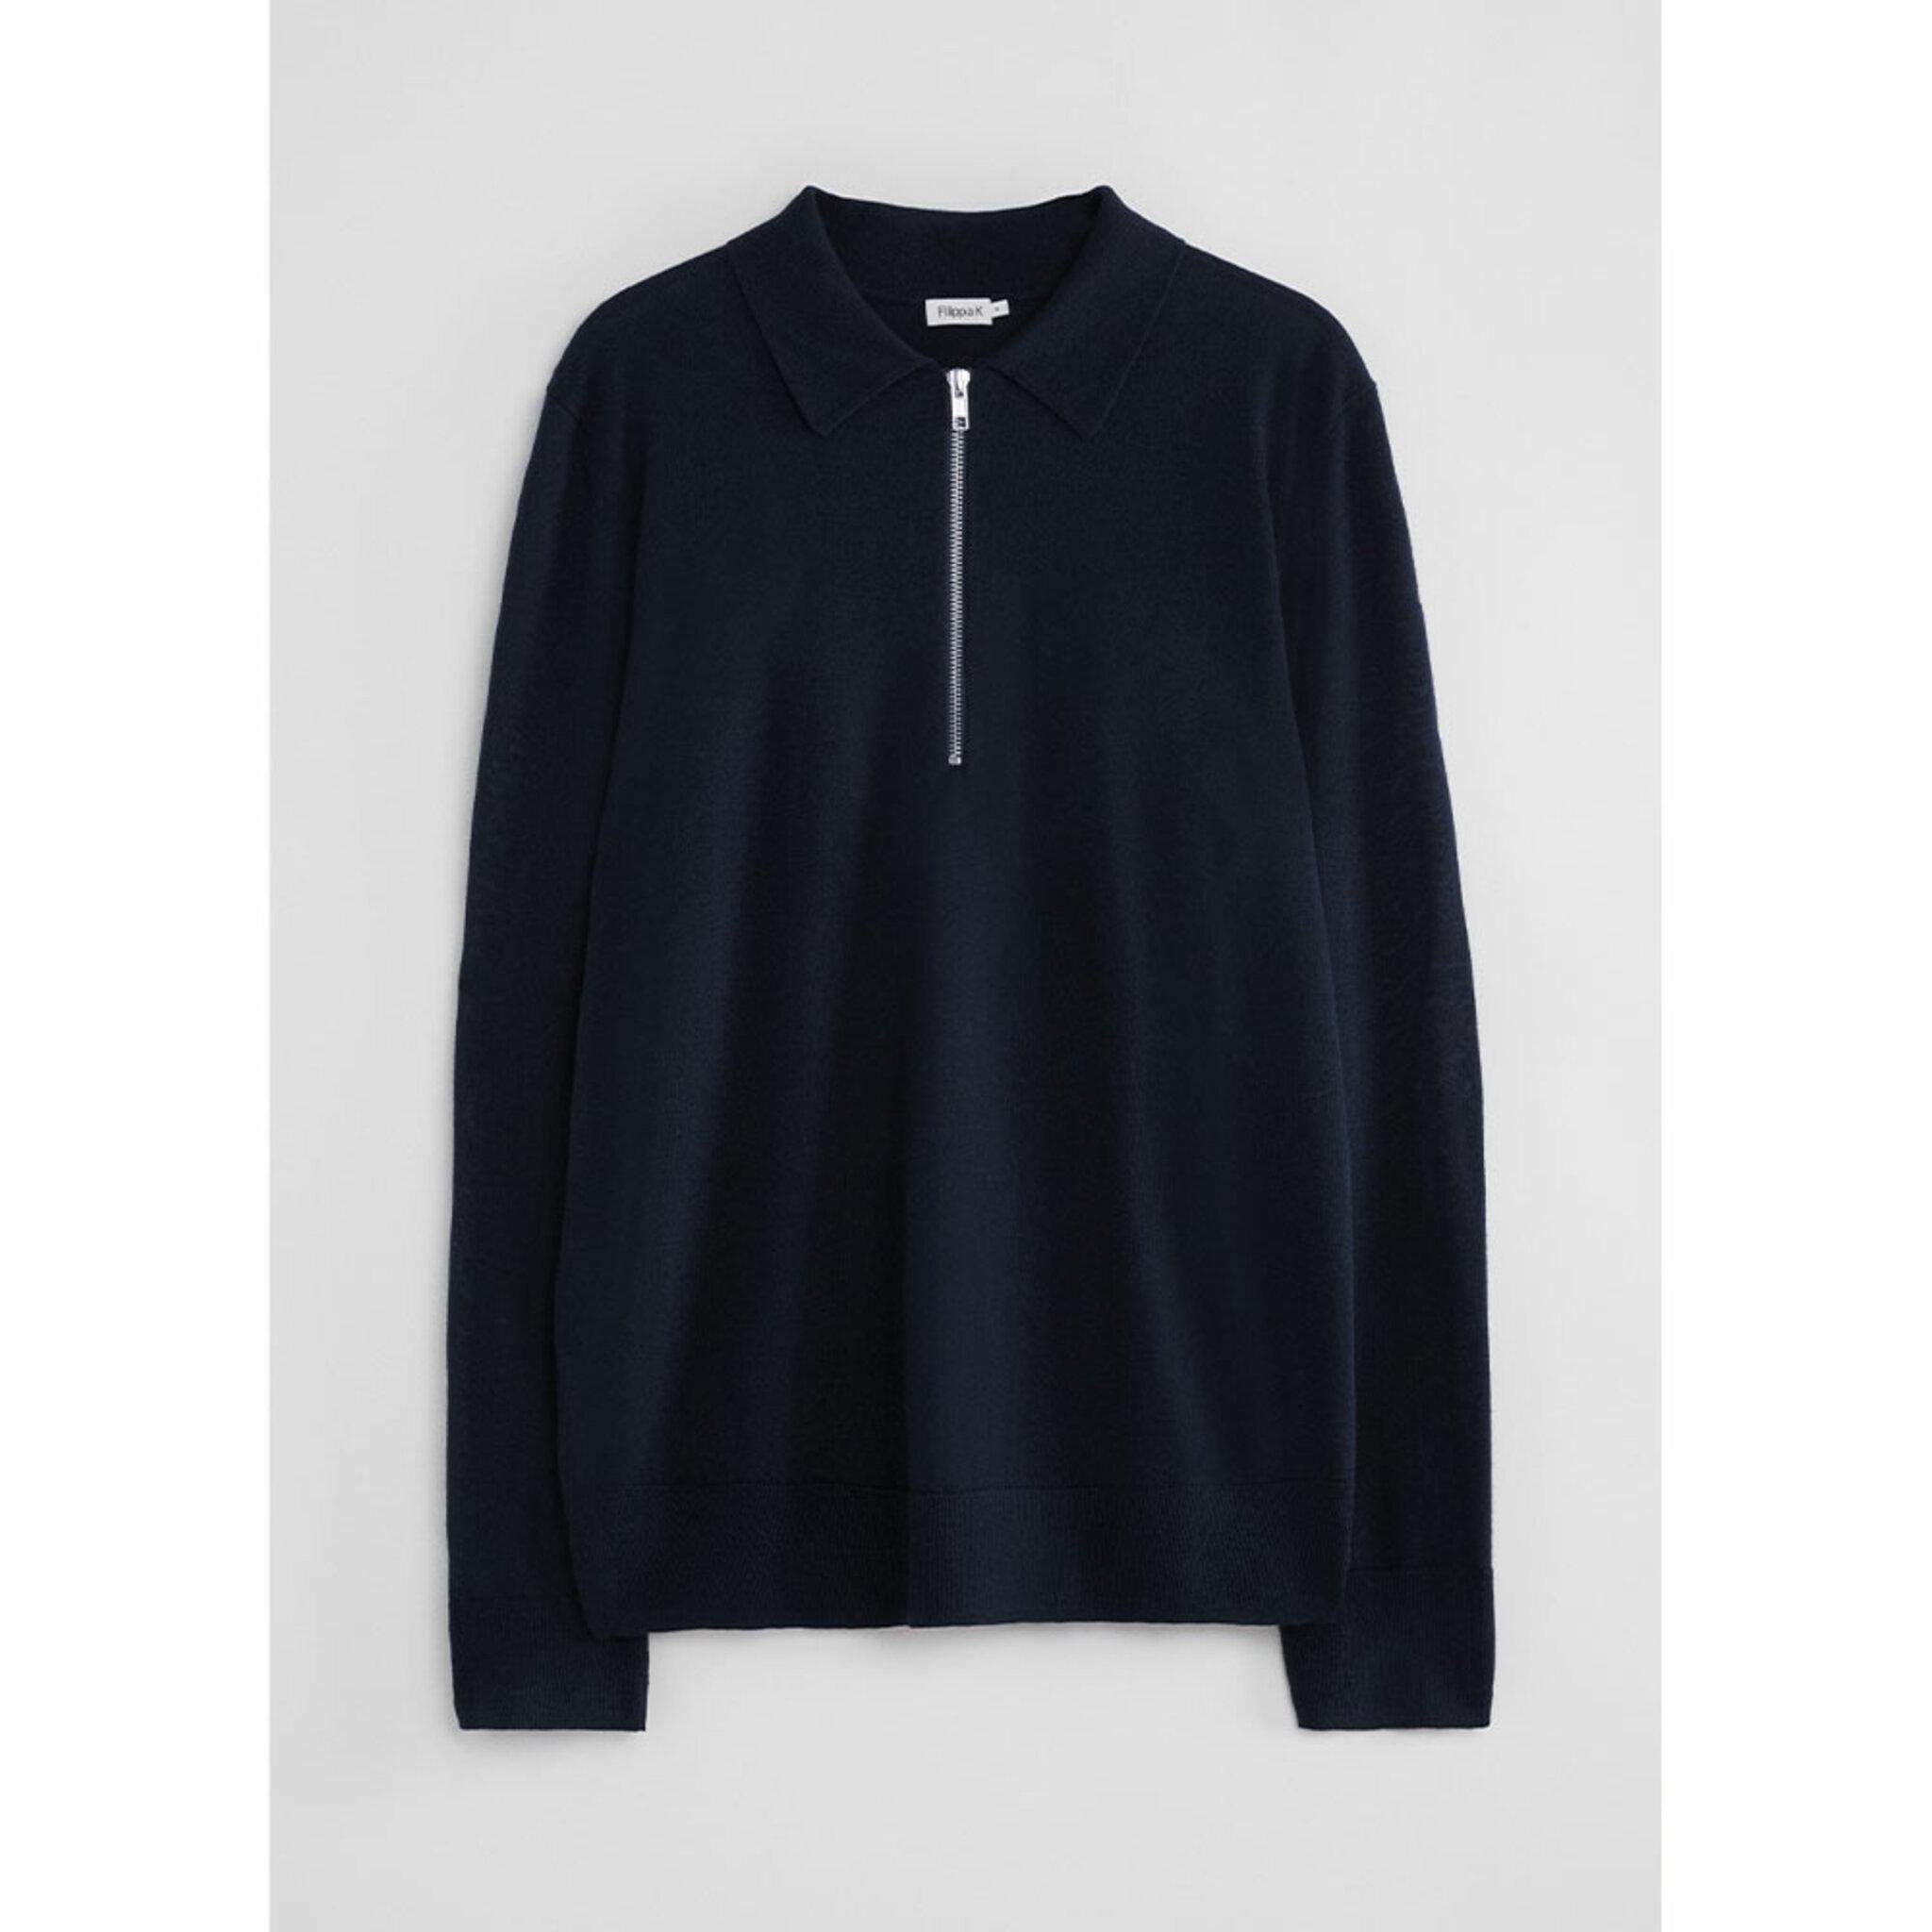 M. Shawn Zip Polo Shirt